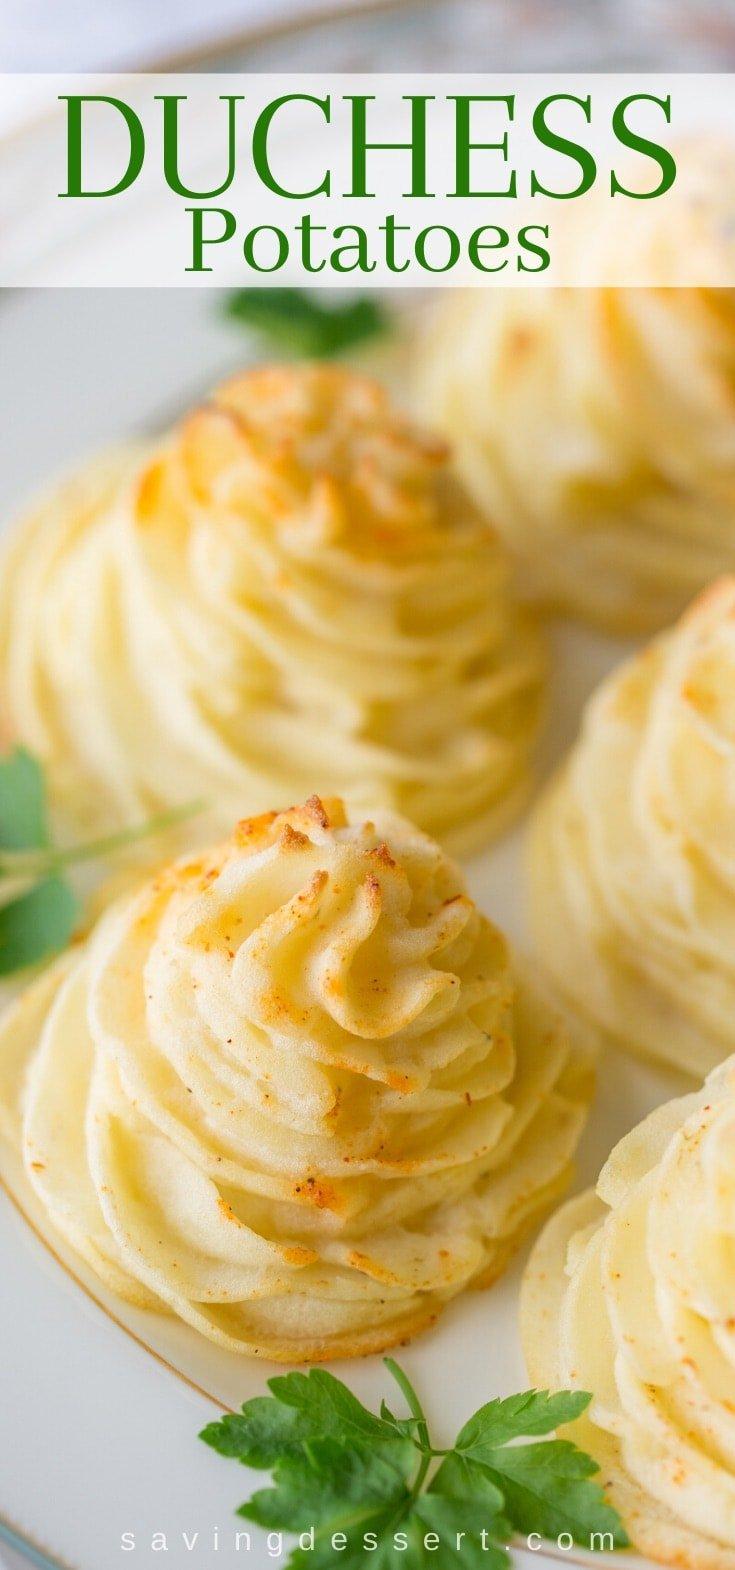 Swirly Duchess potatoes on a plate